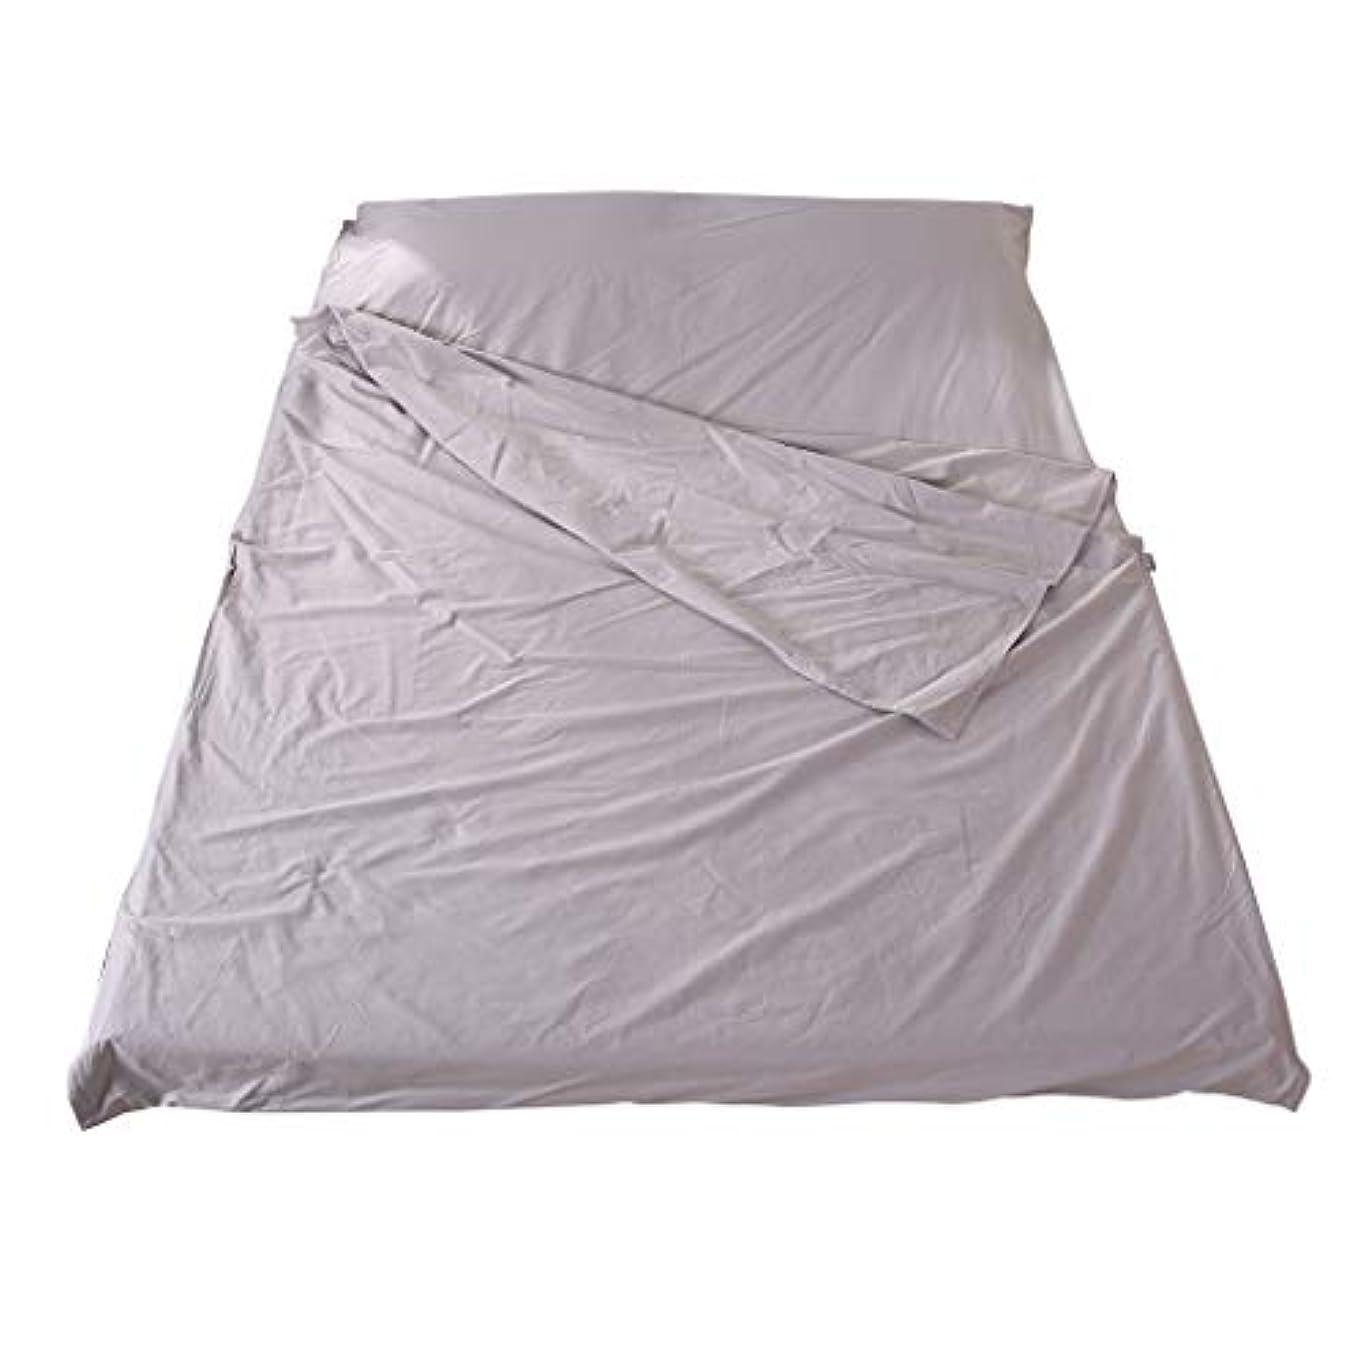 宣教師ミトン神聖PETSOLA 旅行寝袋 綿シュラフ 隔断シーツ コンパクト 汚れ防止 キャンプ グレー 3サイズ